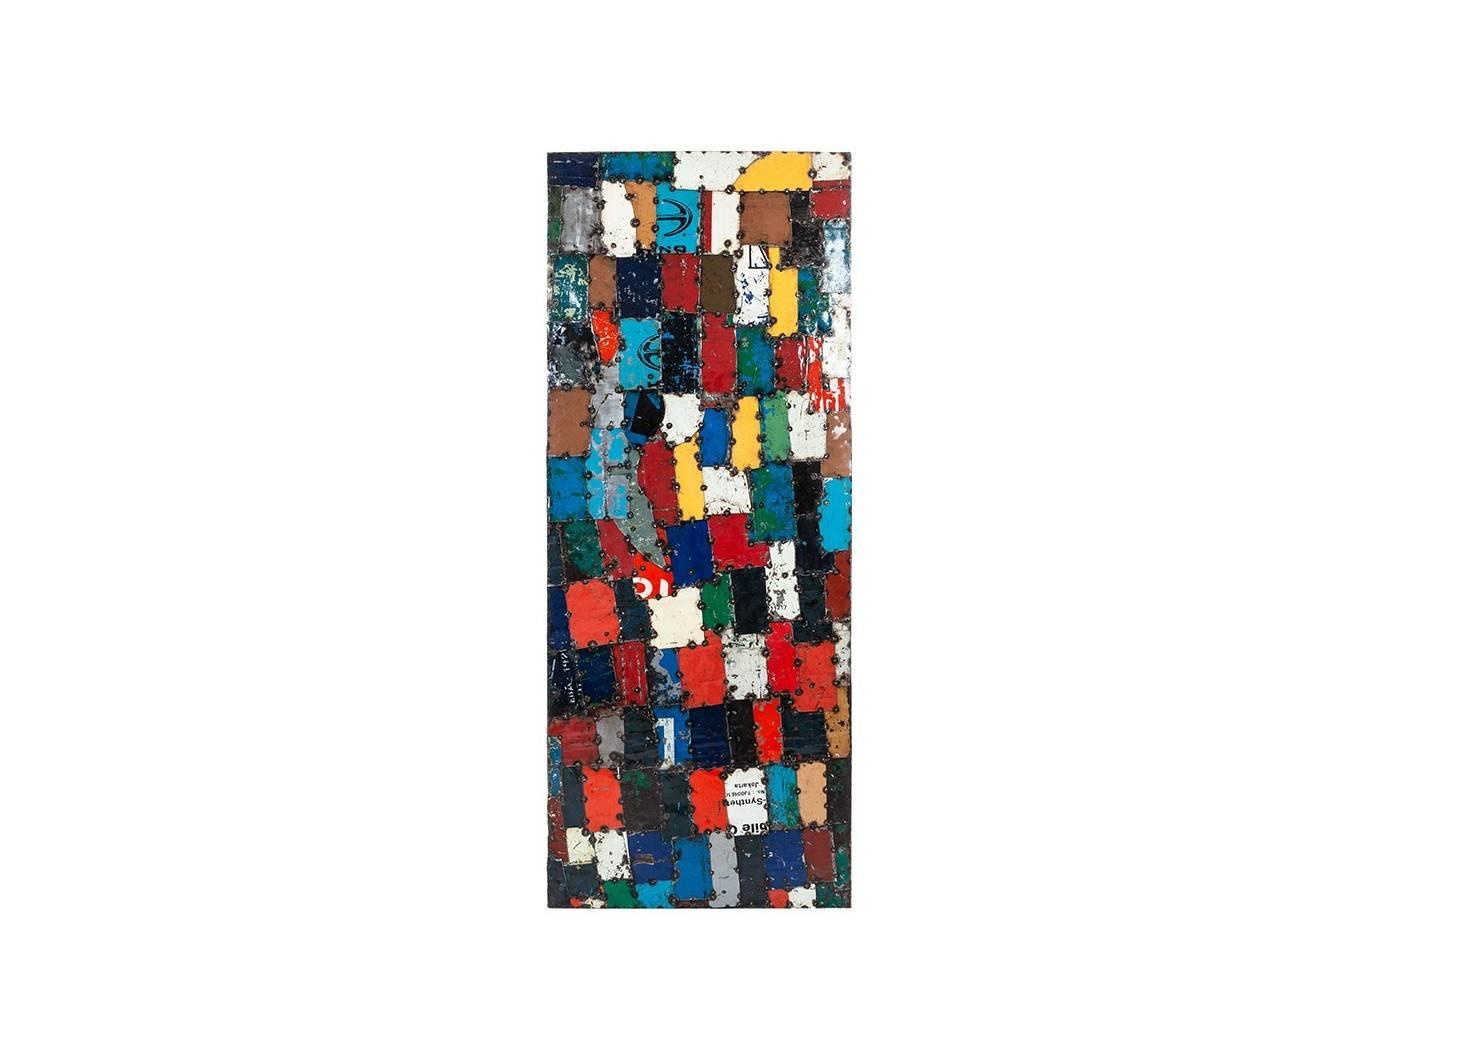 Panneau mural en bidons recyclés - artisanat